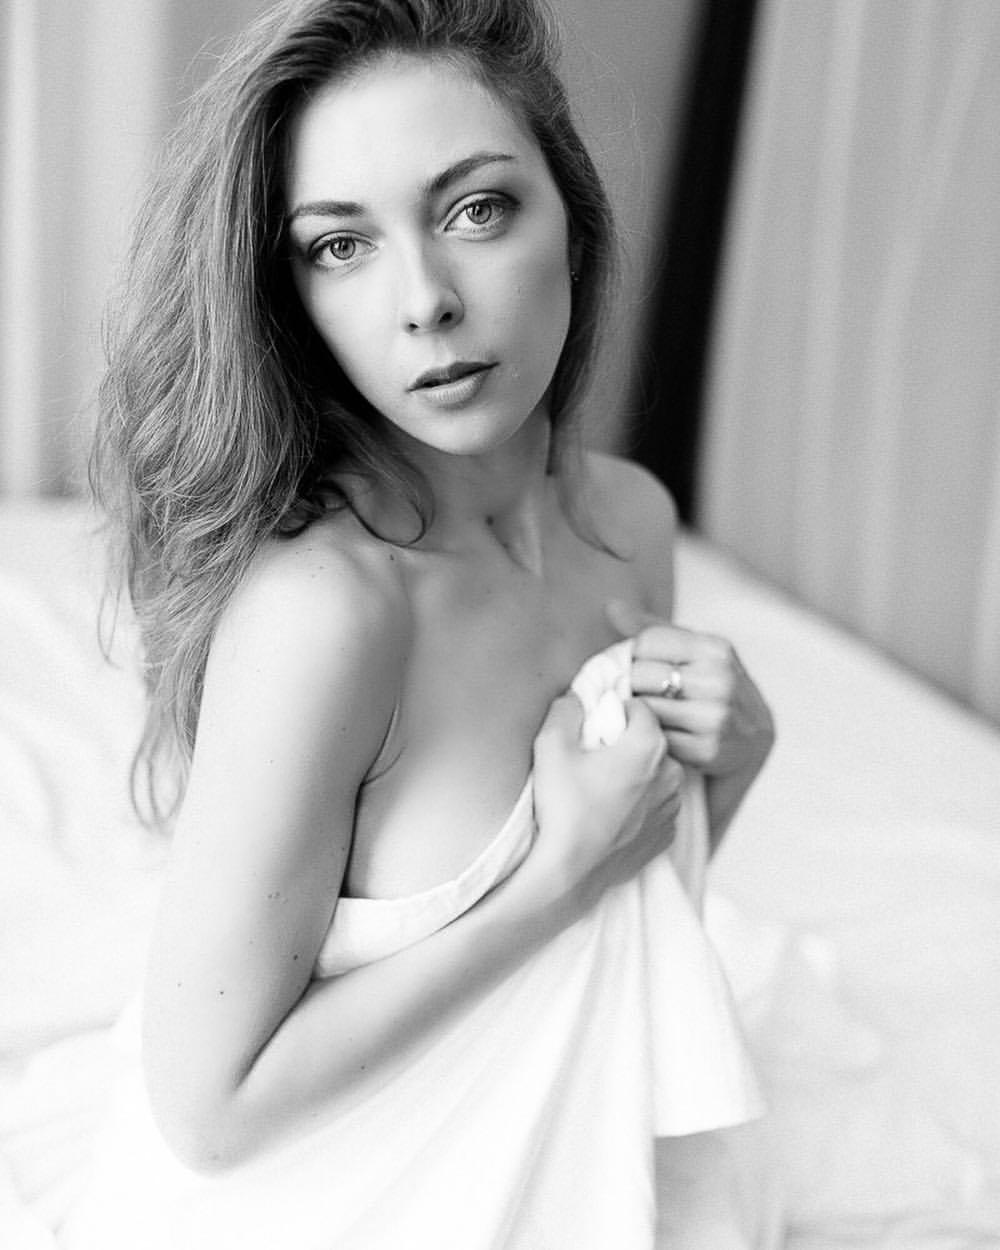 Анастасия сухорукова patreon девушка модель воспитательной работы с классом